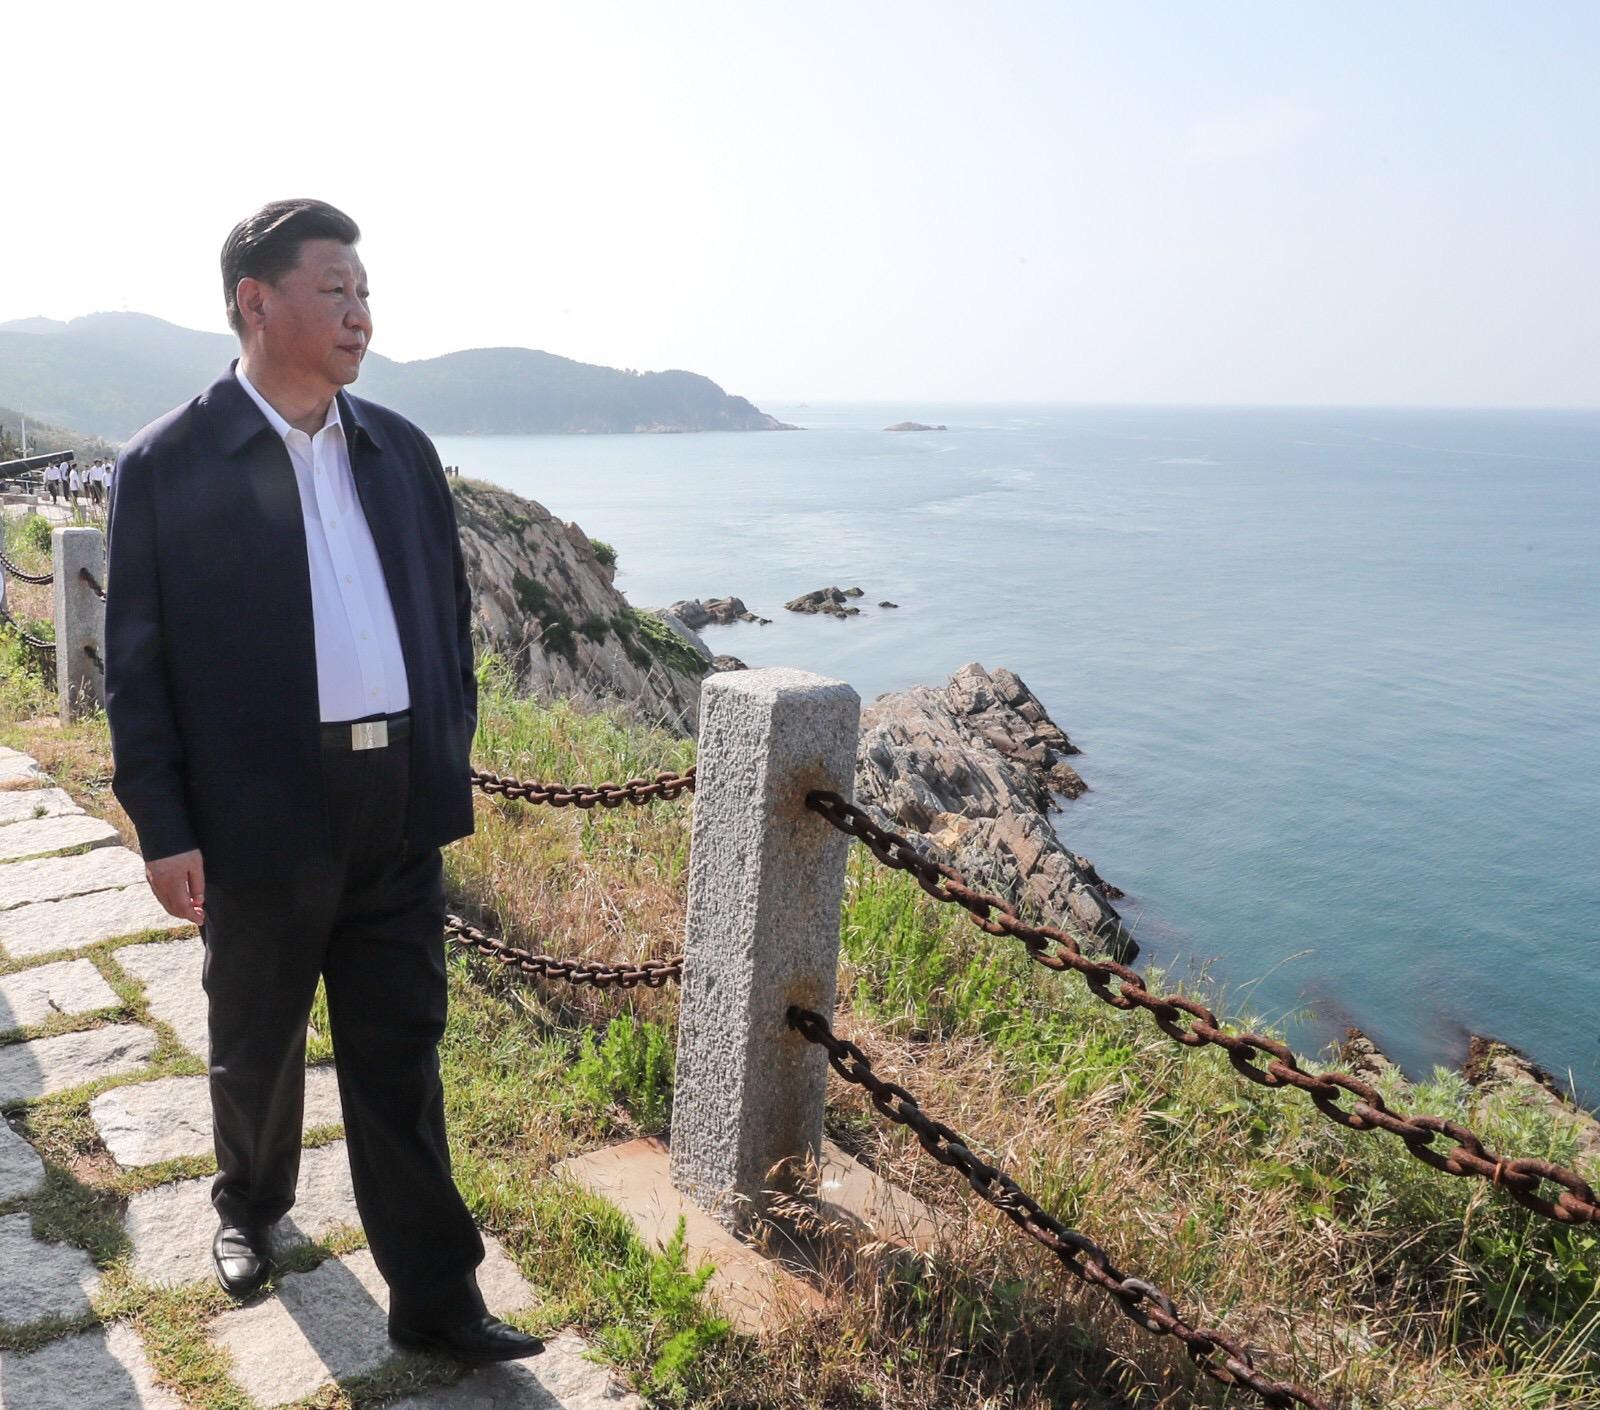 习近平乘船赴威海湾的刘公岛考察3.jpg